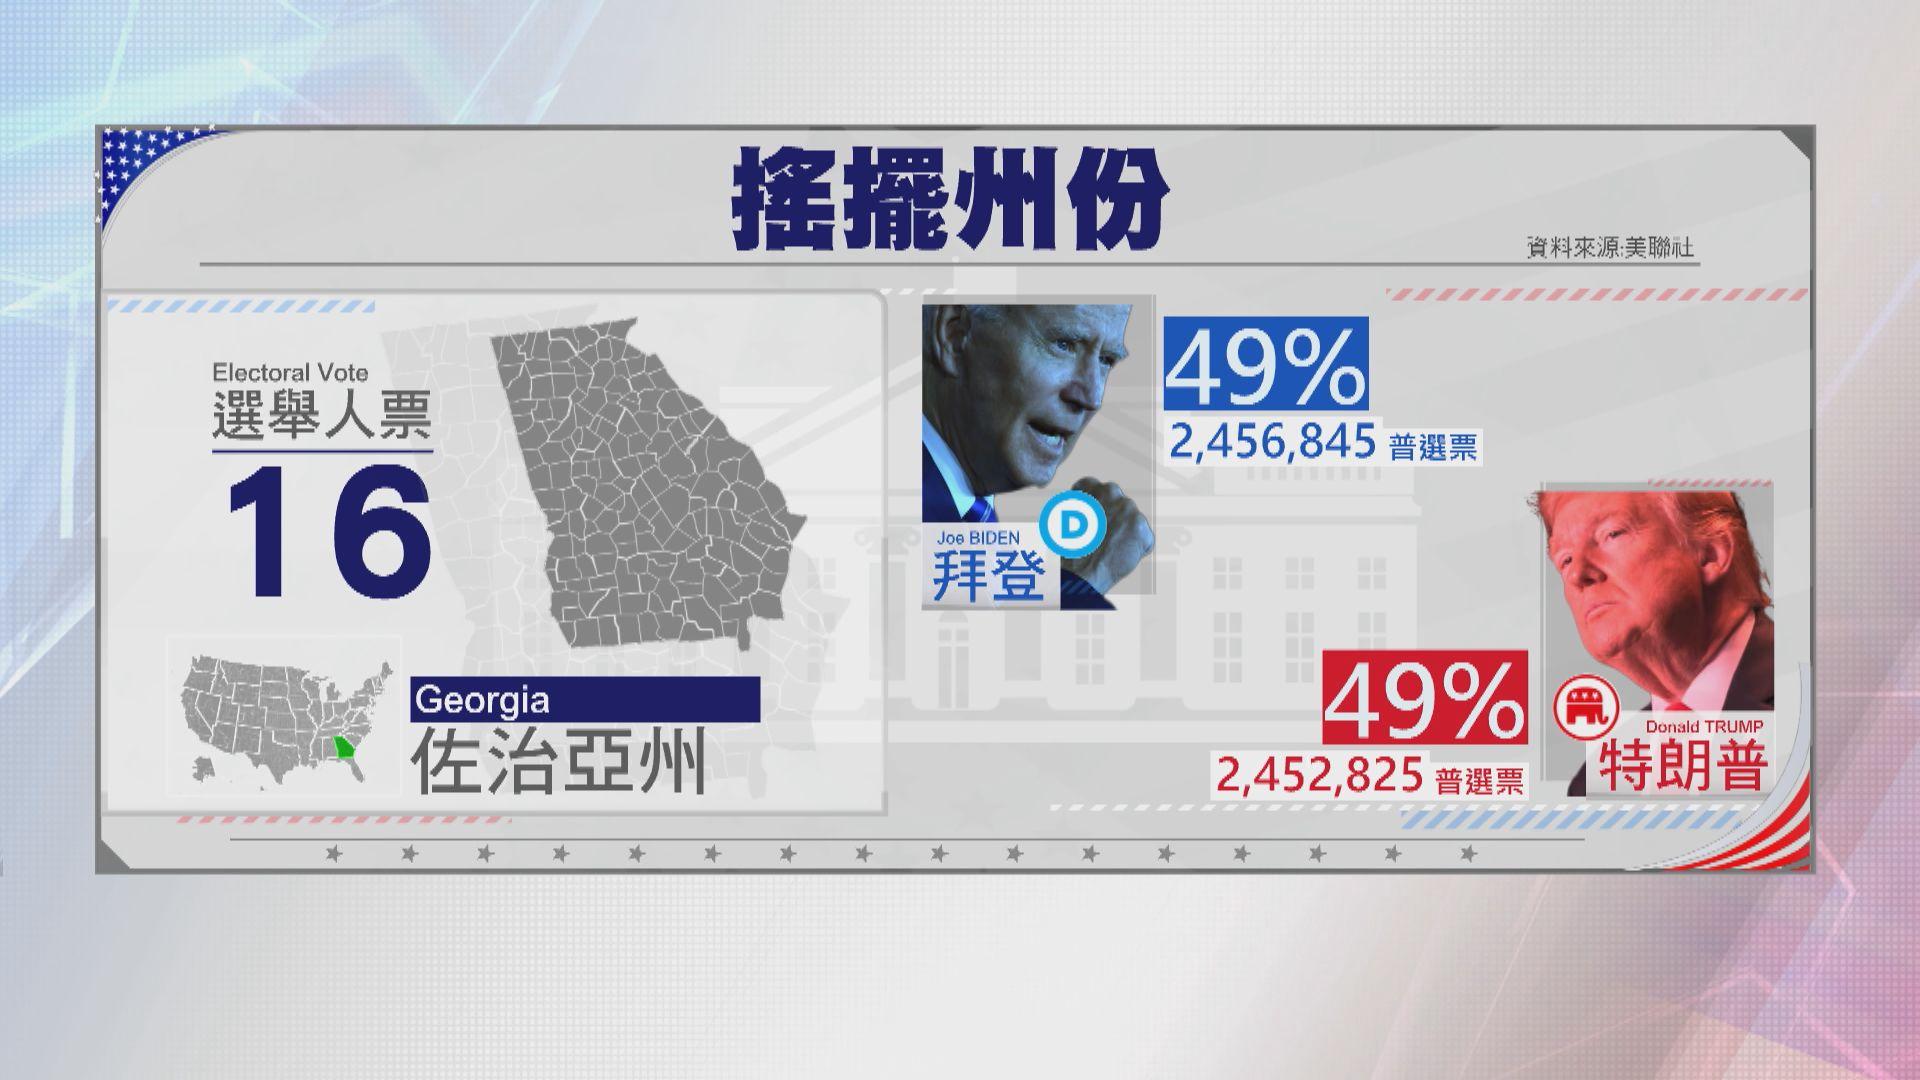 佐治亞州得票率差距少於0.5個百分點 料需重新點票